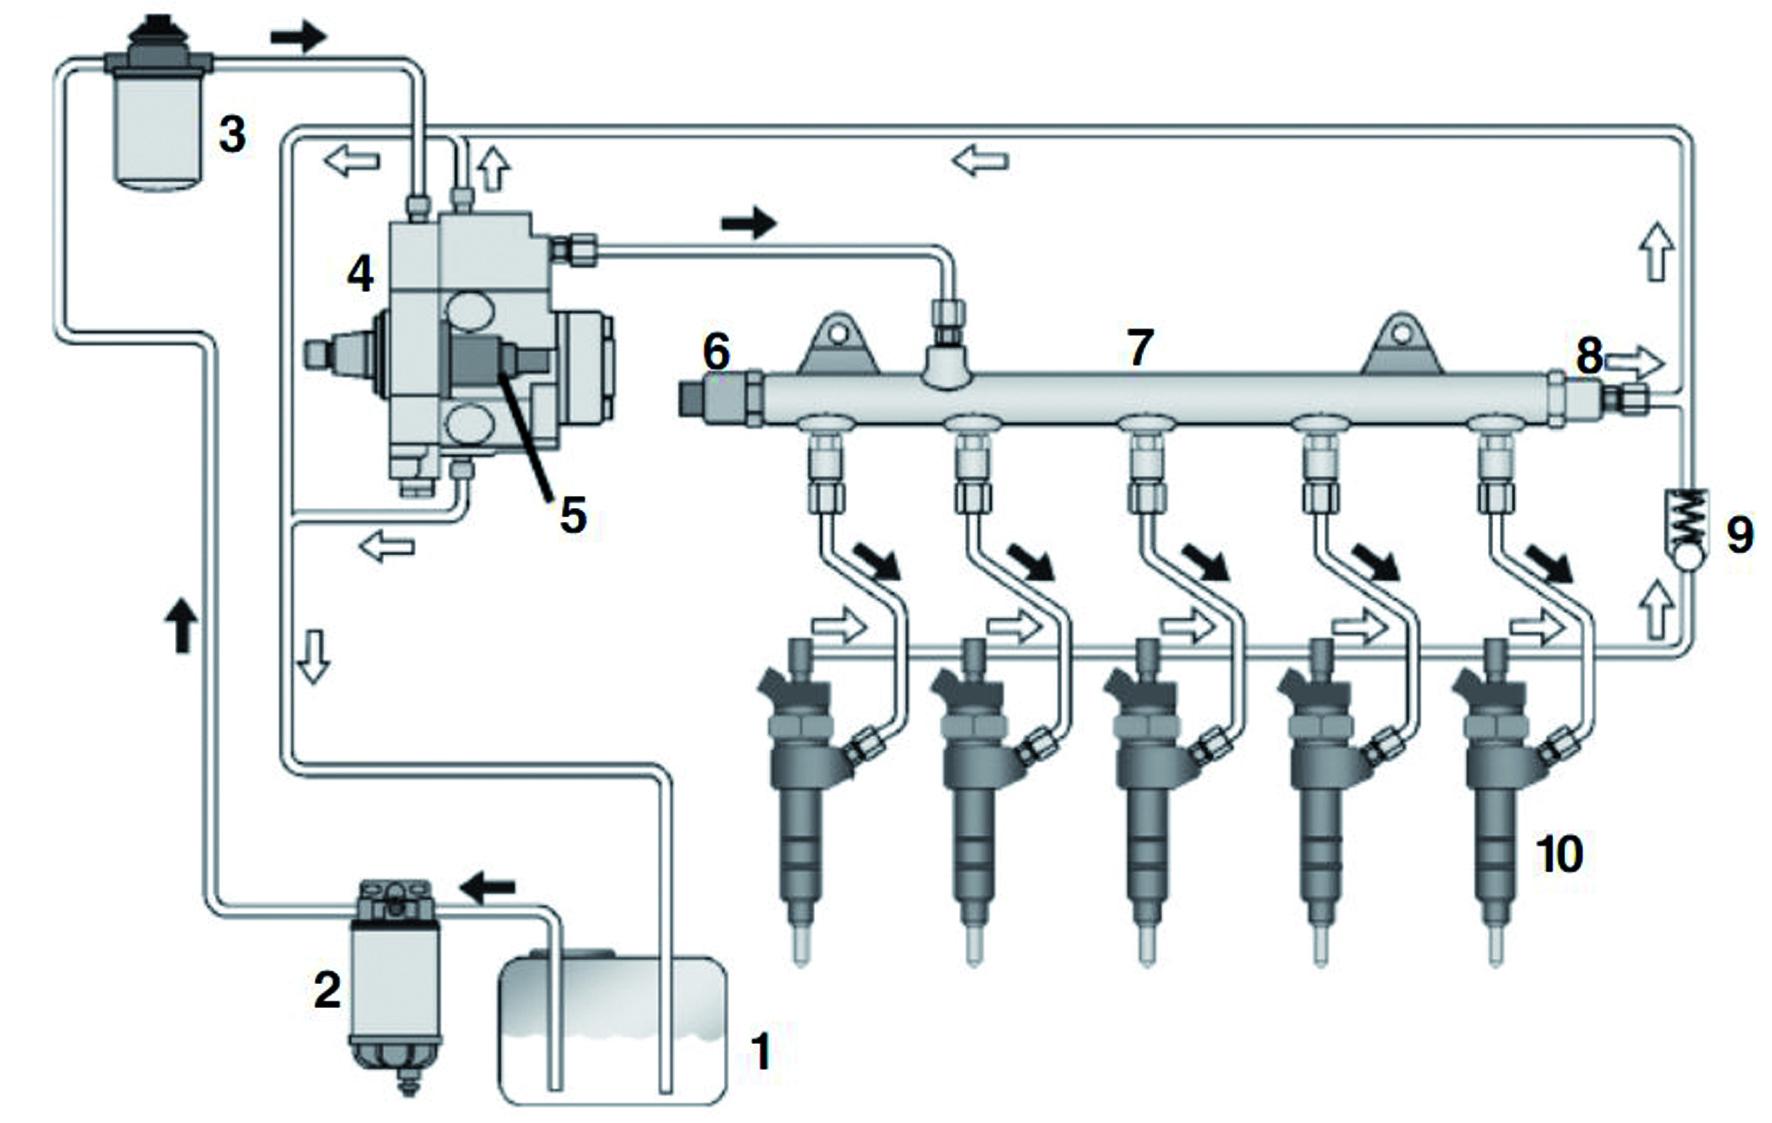 1. Tanque de combustível; 2. Filtro primário de combustível; 3. Filtro de combustível; 4. Bomba de baixa e alta pressão; 5. Válvula reguladora de pressão de combustível; 6. Sensor de pressão de combustível; 7. Common rail; 8. Válvula de alívio; 9. Válvula de restrição; 10. Injetores.